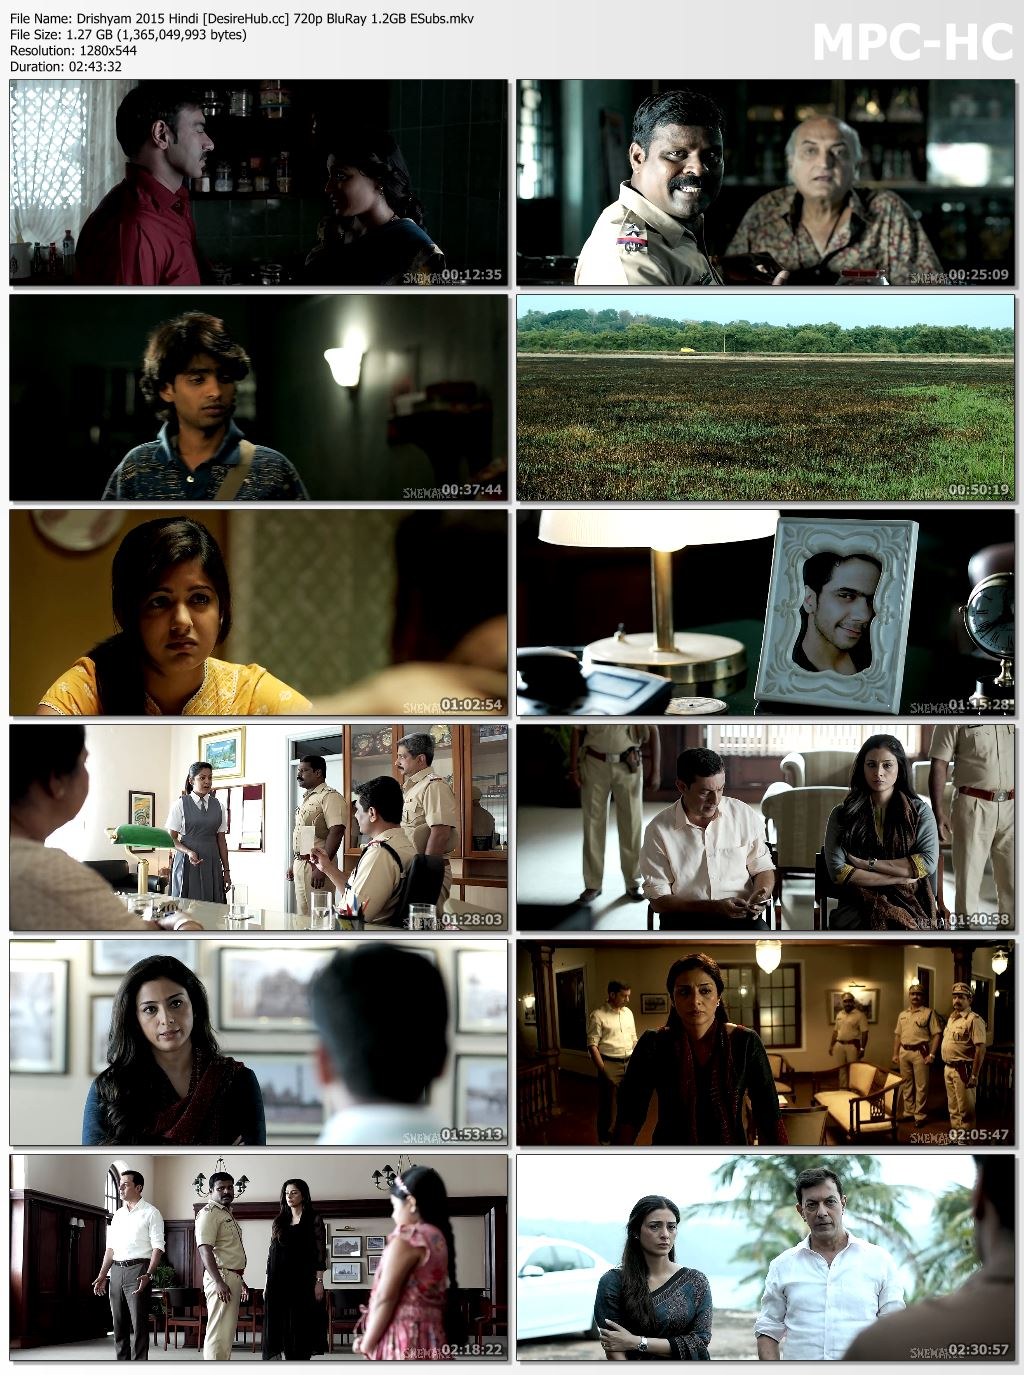 Drishyam 2015 Hindi 720p BluRay 1.2GB Desirehub